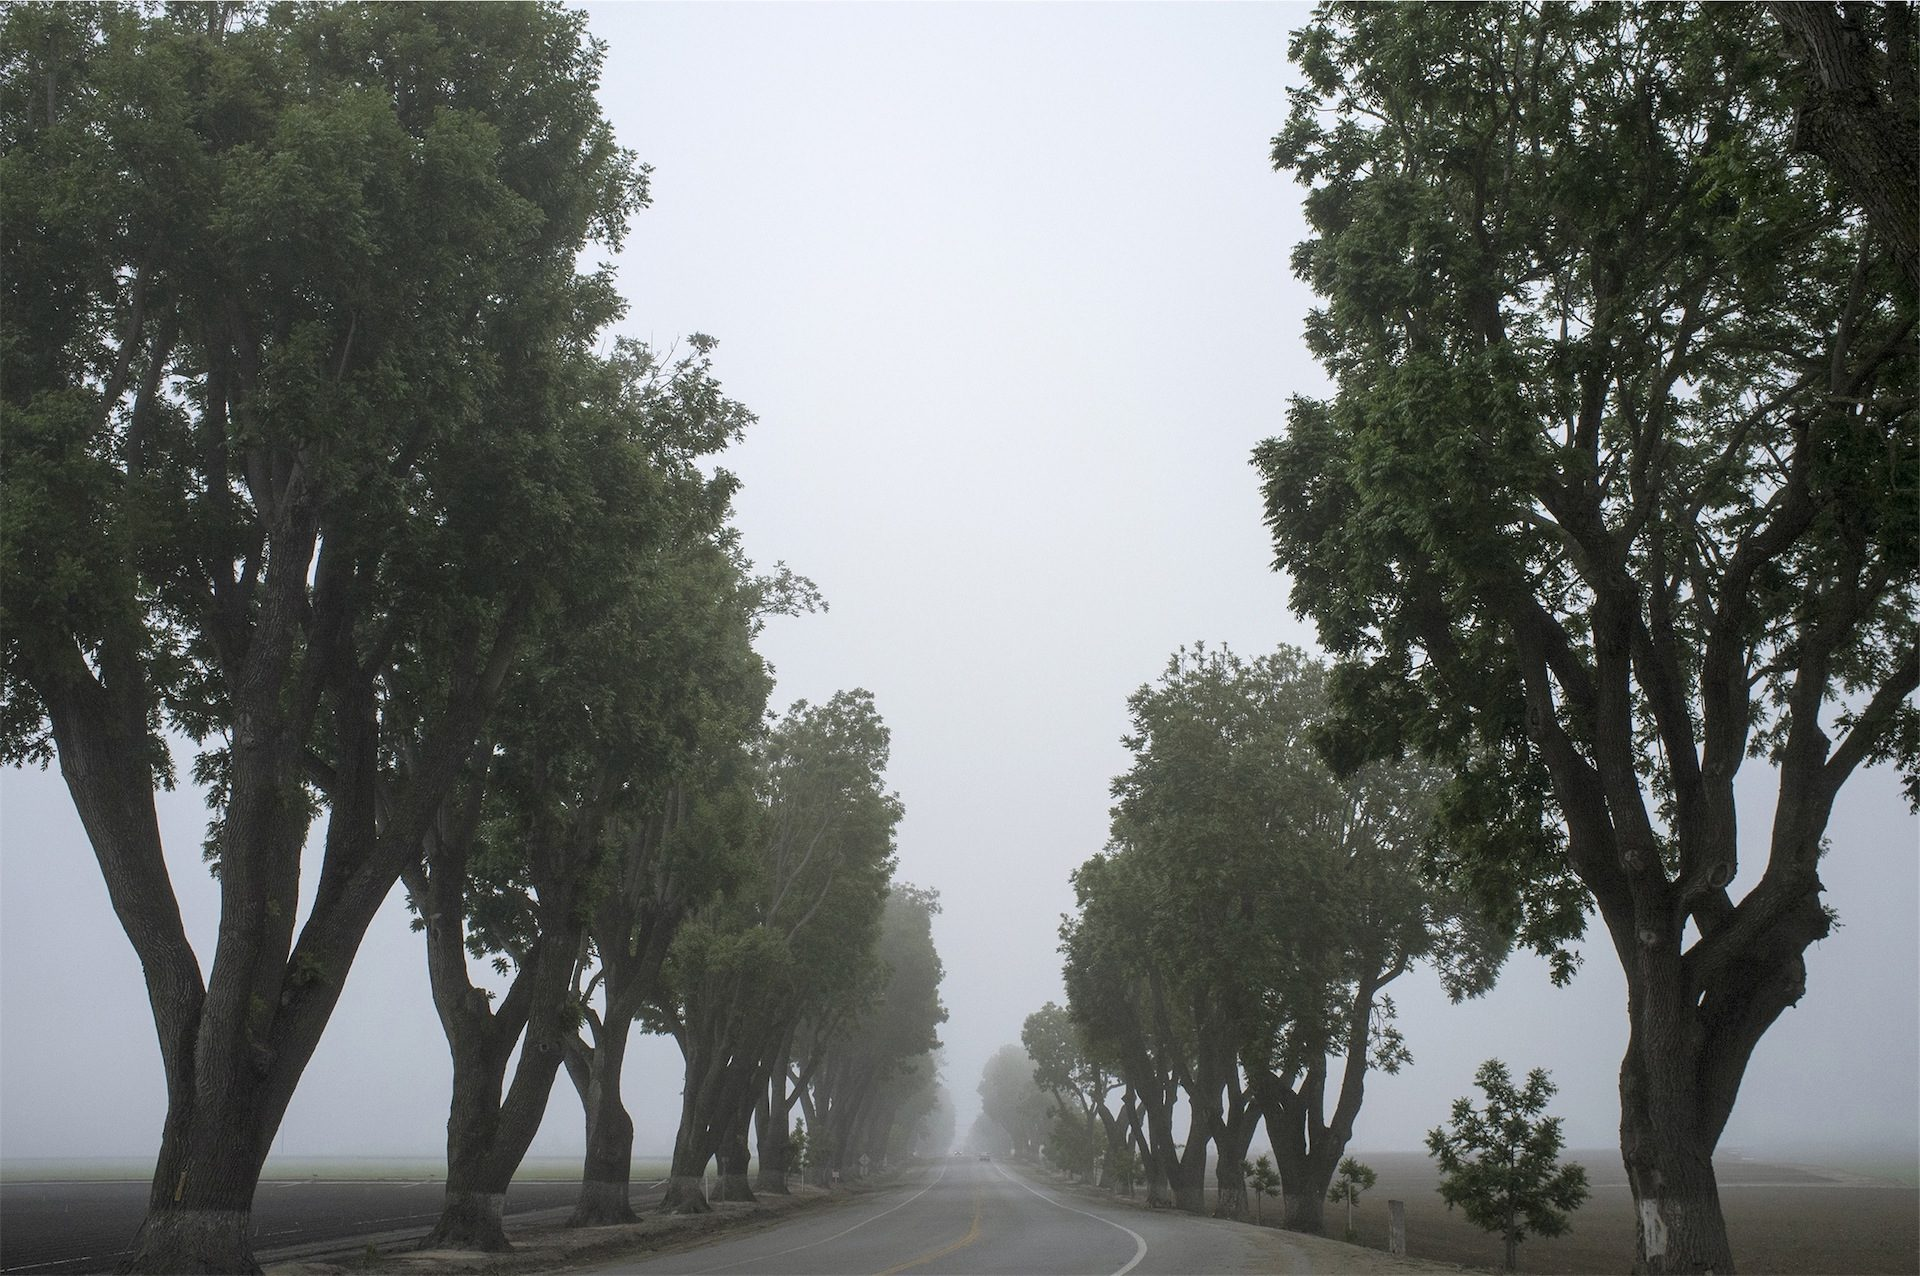 arbres, carretera, brouillard, aube, Route - Fonds d'écran HD - Professor-falken.com